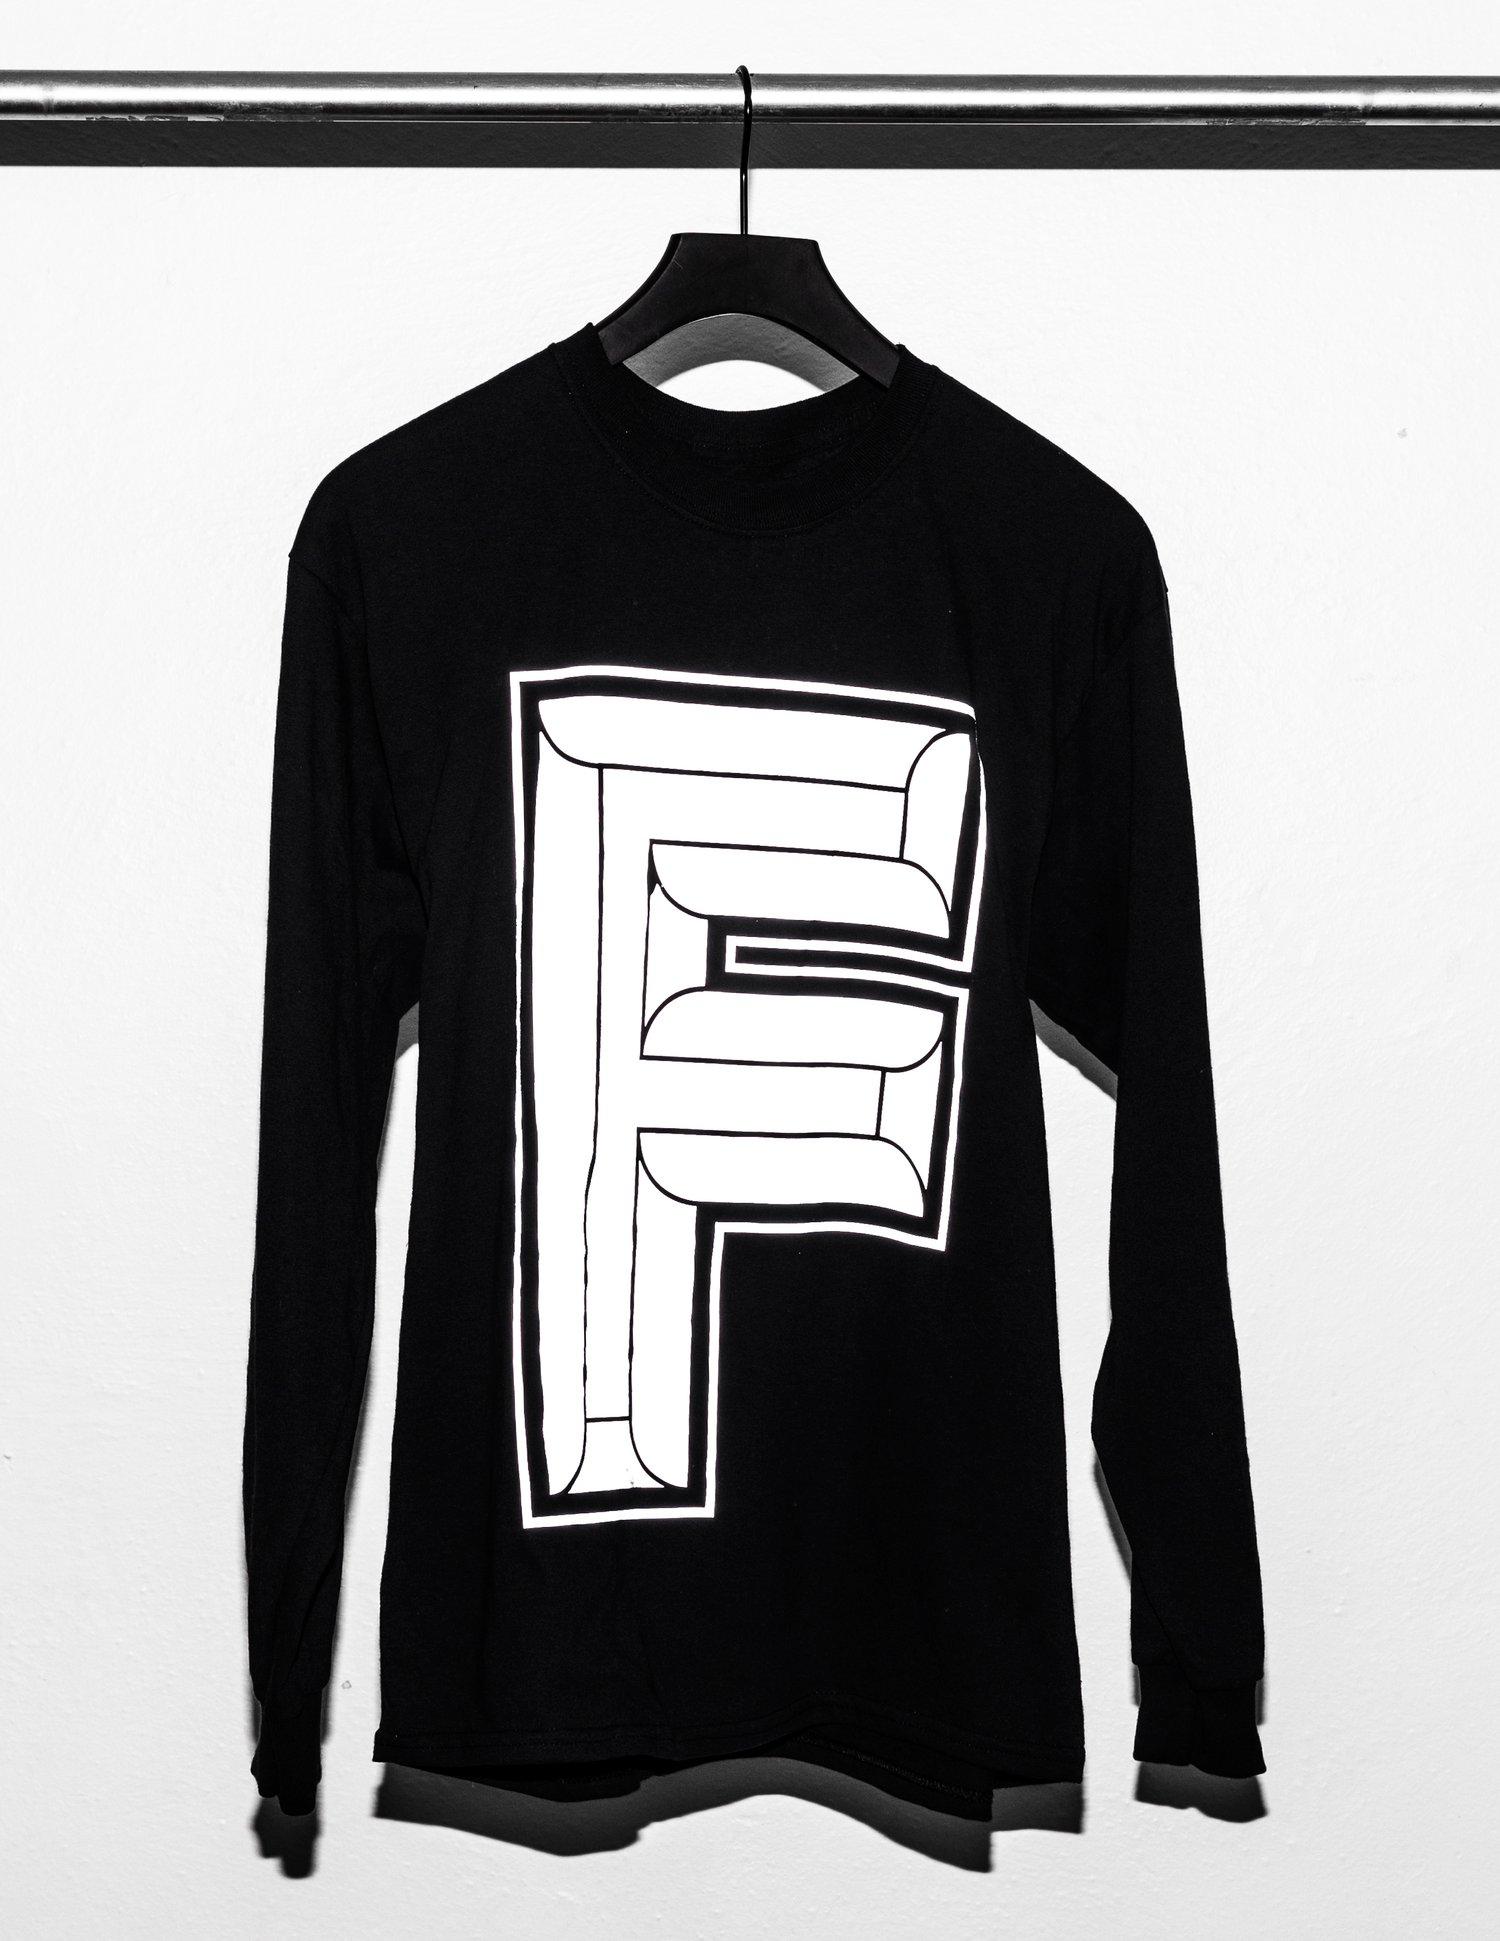 Image of F-Logo Black Long Sleeve